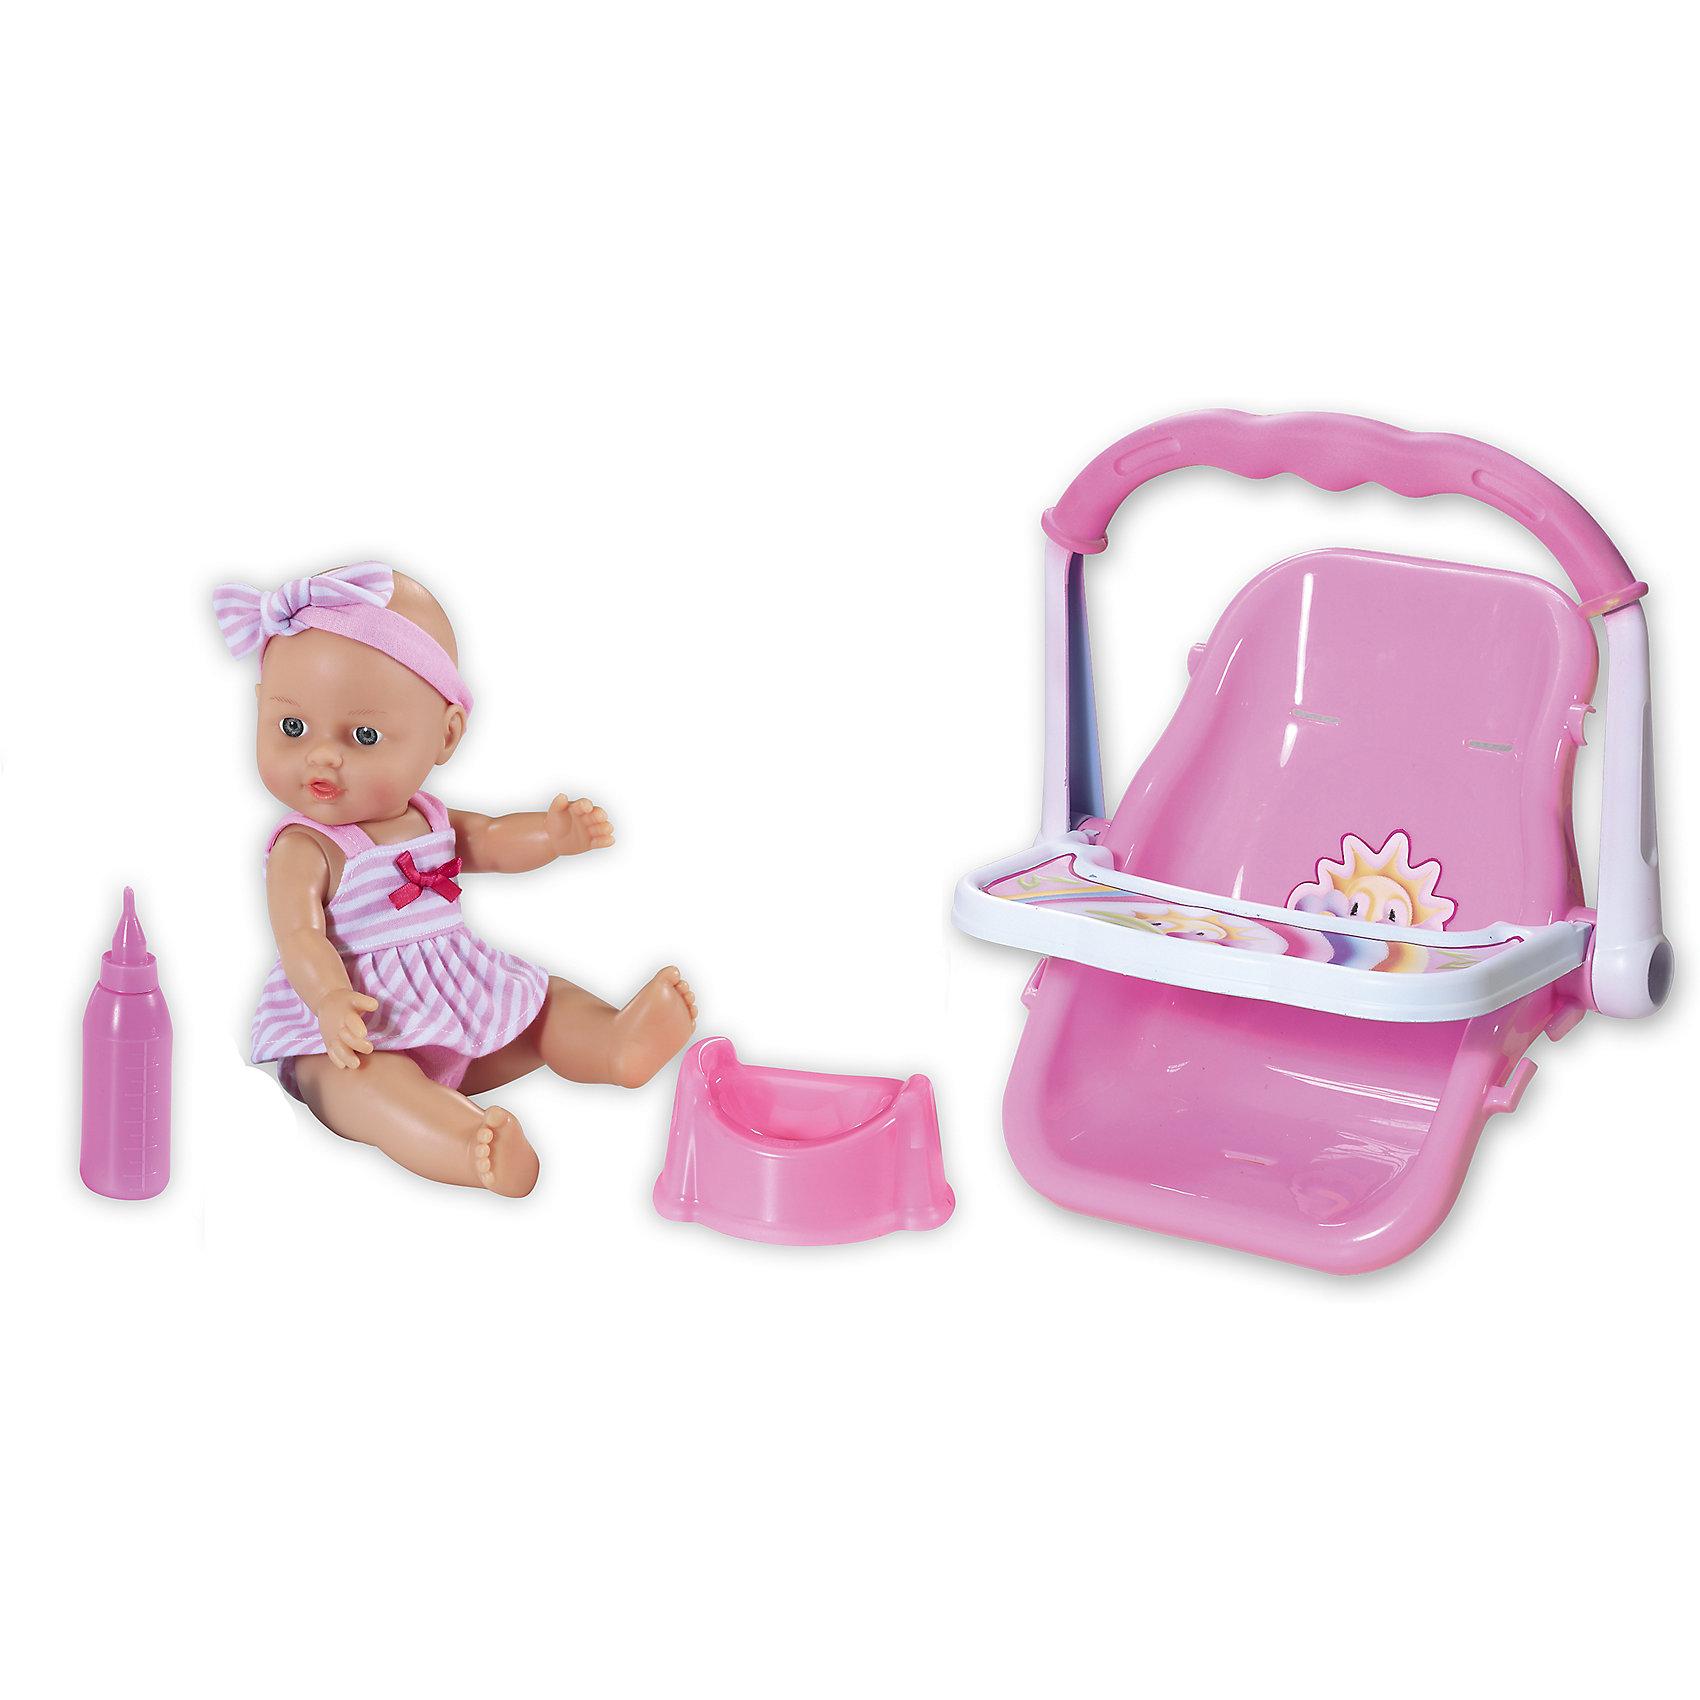 Кукла Le Petit Bebe с автокреслом, Loko ToysКуклы-пупсы<br>Характеристики товара:<br><br>• возраст: от 1,5 лет;<br>• материал: пластик, текстиль, ПВХ;<br>• в комплекте: кукла, бутылочка, горшок, автокресло;<br>• высота куклы: 30 см;<br>• размер упаковки: 38х34х10 см;<br>• вес упаковки: 940 гр.;<br>• страна производитель: Китай;<br>• товар представлен в ассортименте, нет возможности выбрать конкретную расцветку.<br><br>Кукла «Le Petit Bebe» Loko Toys с автокреслом — очаровательный малыш с большими глазками. Когда малыш захочет попить, надо напоить его водой из бутылочки. После кормления нужно сразу посадить пупса на горшок, чтобы он пописал. Для безопасной перевозки в автомобиле для малыша предусмотрено автокресло со столиком и ручкой для переноски. Игра с куклой привьет девочке любовь, чувство ответственности, заботы и помощи окружающим. <br><br>Куклу «Le Petit Bebe» Loko Toys с автокреслом можно приобрести в нашем интернет-магазине.<br><br>Ширина мм: 380<br>Глубина мм: 100<br>Высота мм: 340<br>Вес г: 940<br>Возраст от месяцев: 18<br>Возраст до месяцев: 2147483647<br>Пол: Женский<br>Возраст: Детский<br>SKU: 6759079